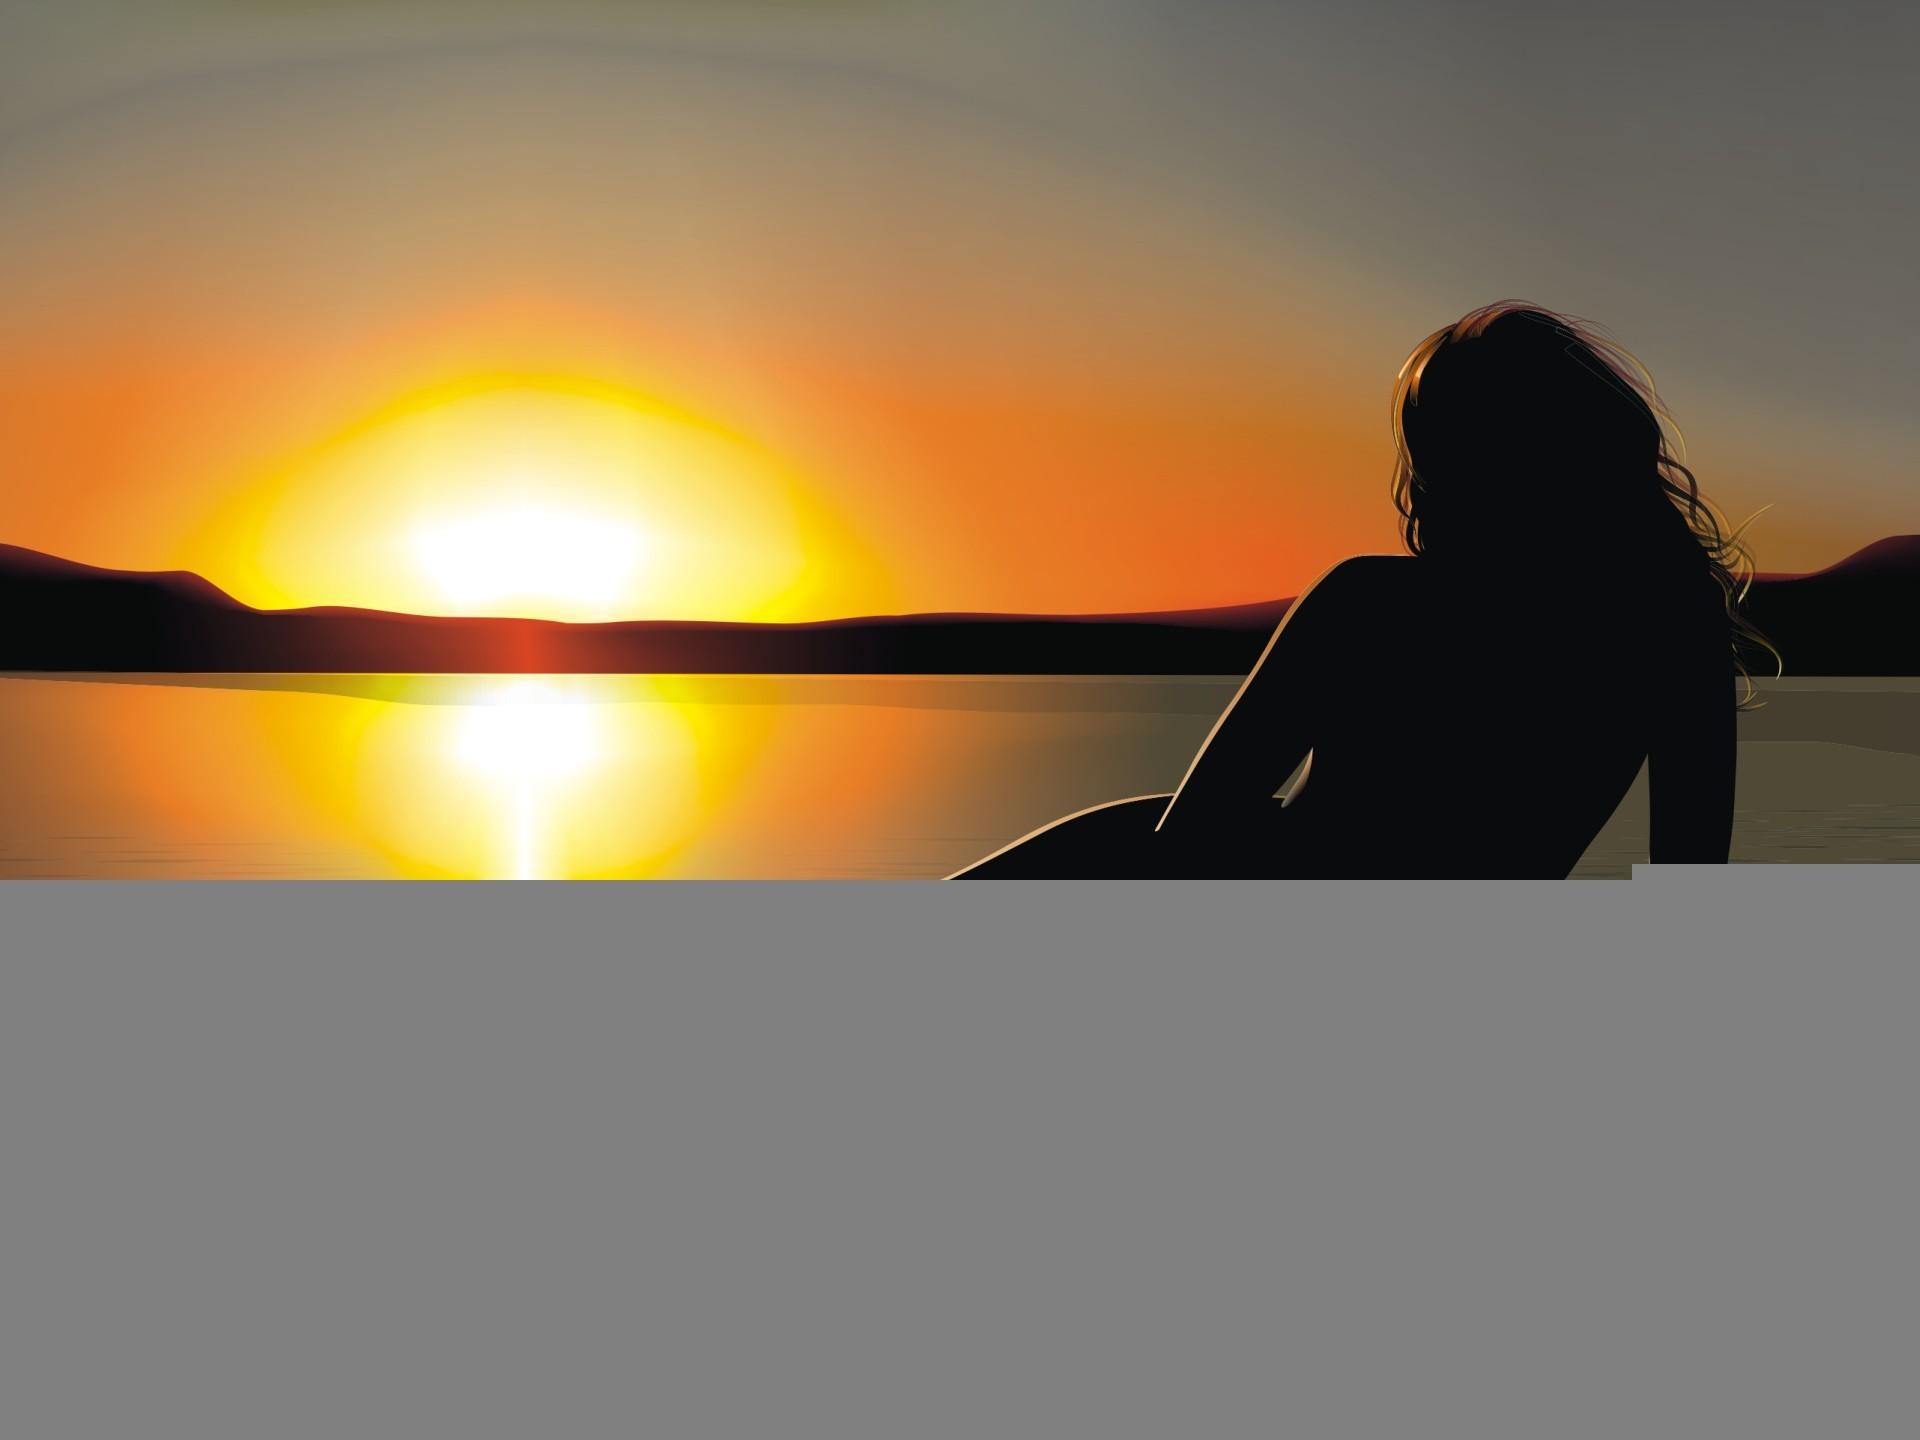 Красивые снимки голой девушки на закате солнца у реки  72630